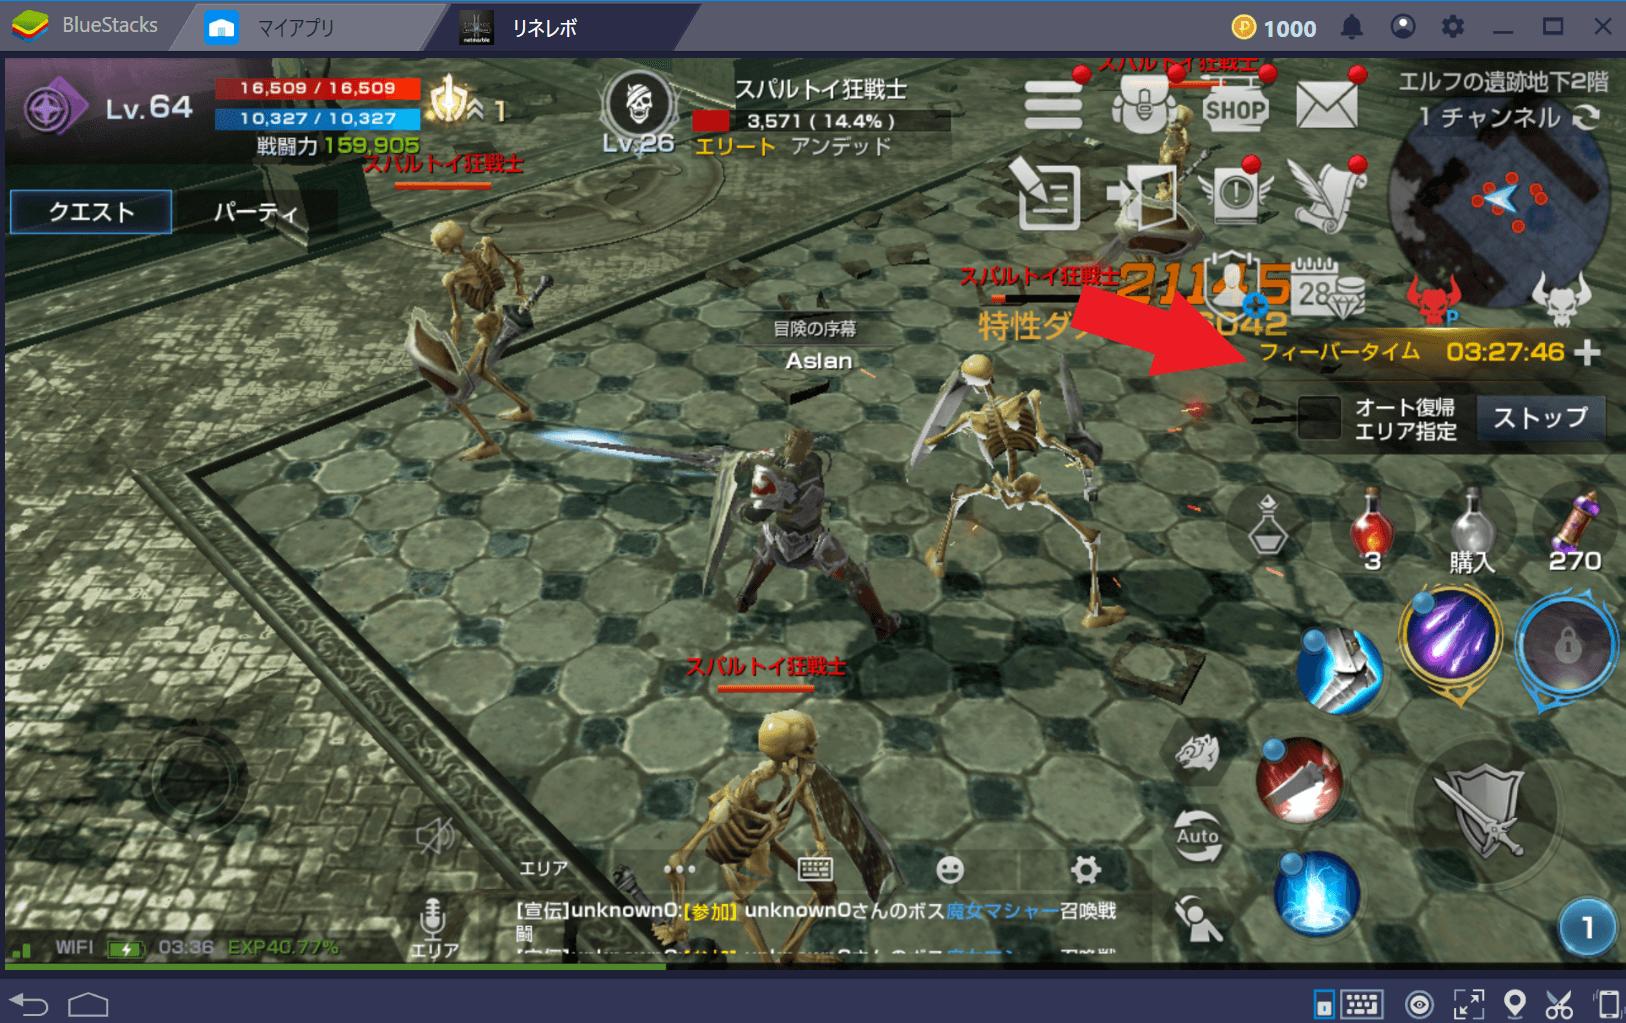 リネージュ2 レボリューション:ダンジョンの攻略